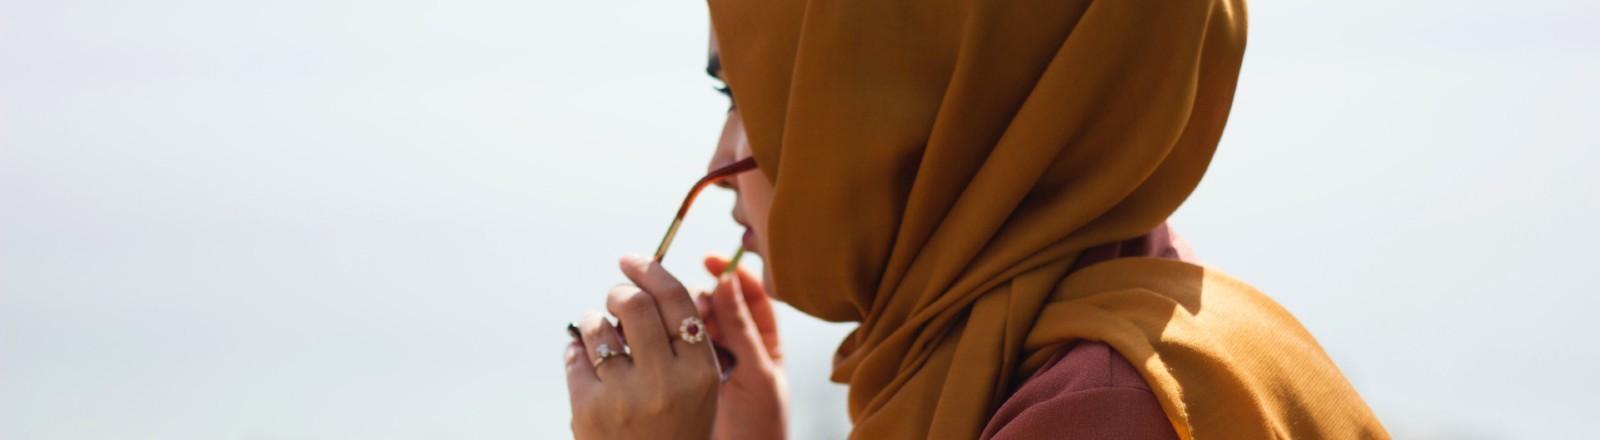 Muslima, die einen Hijab trägt